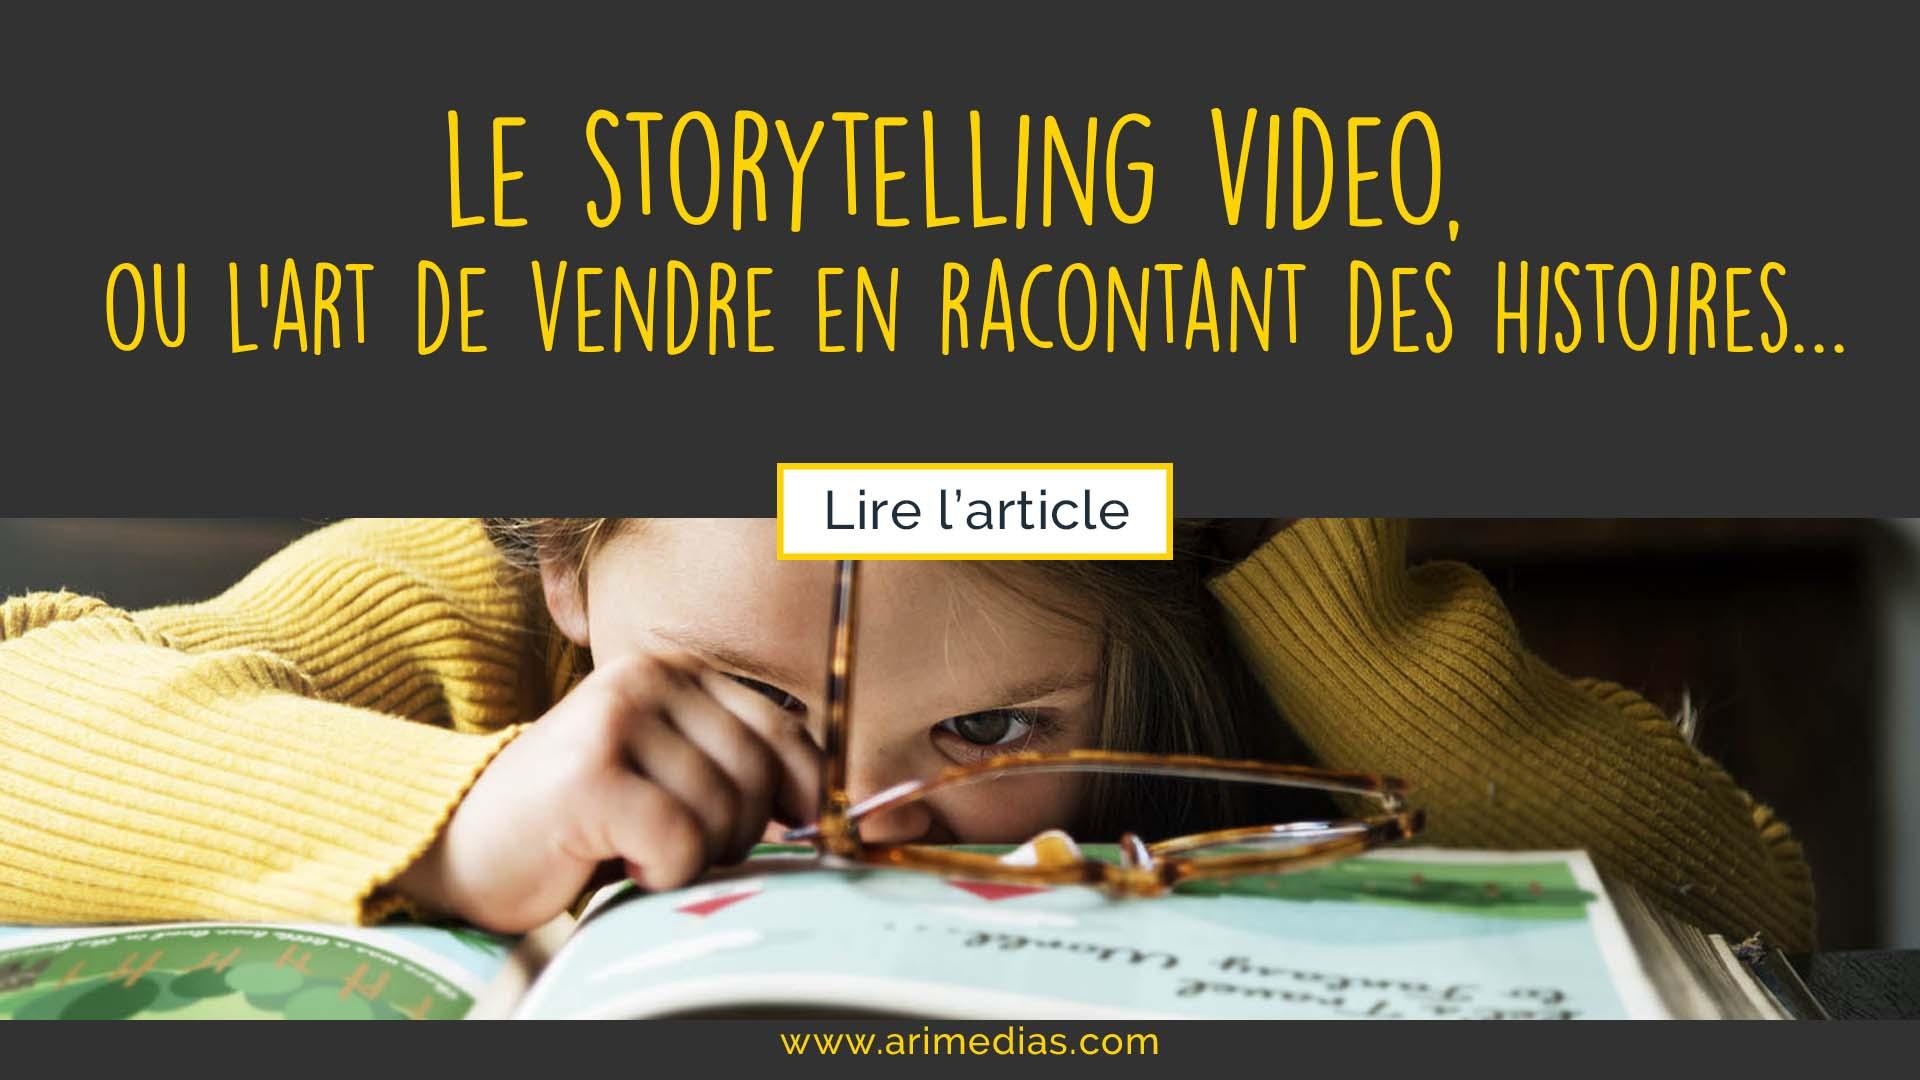 Le storytelling vidéo permet de raconter des histoire en images filmees